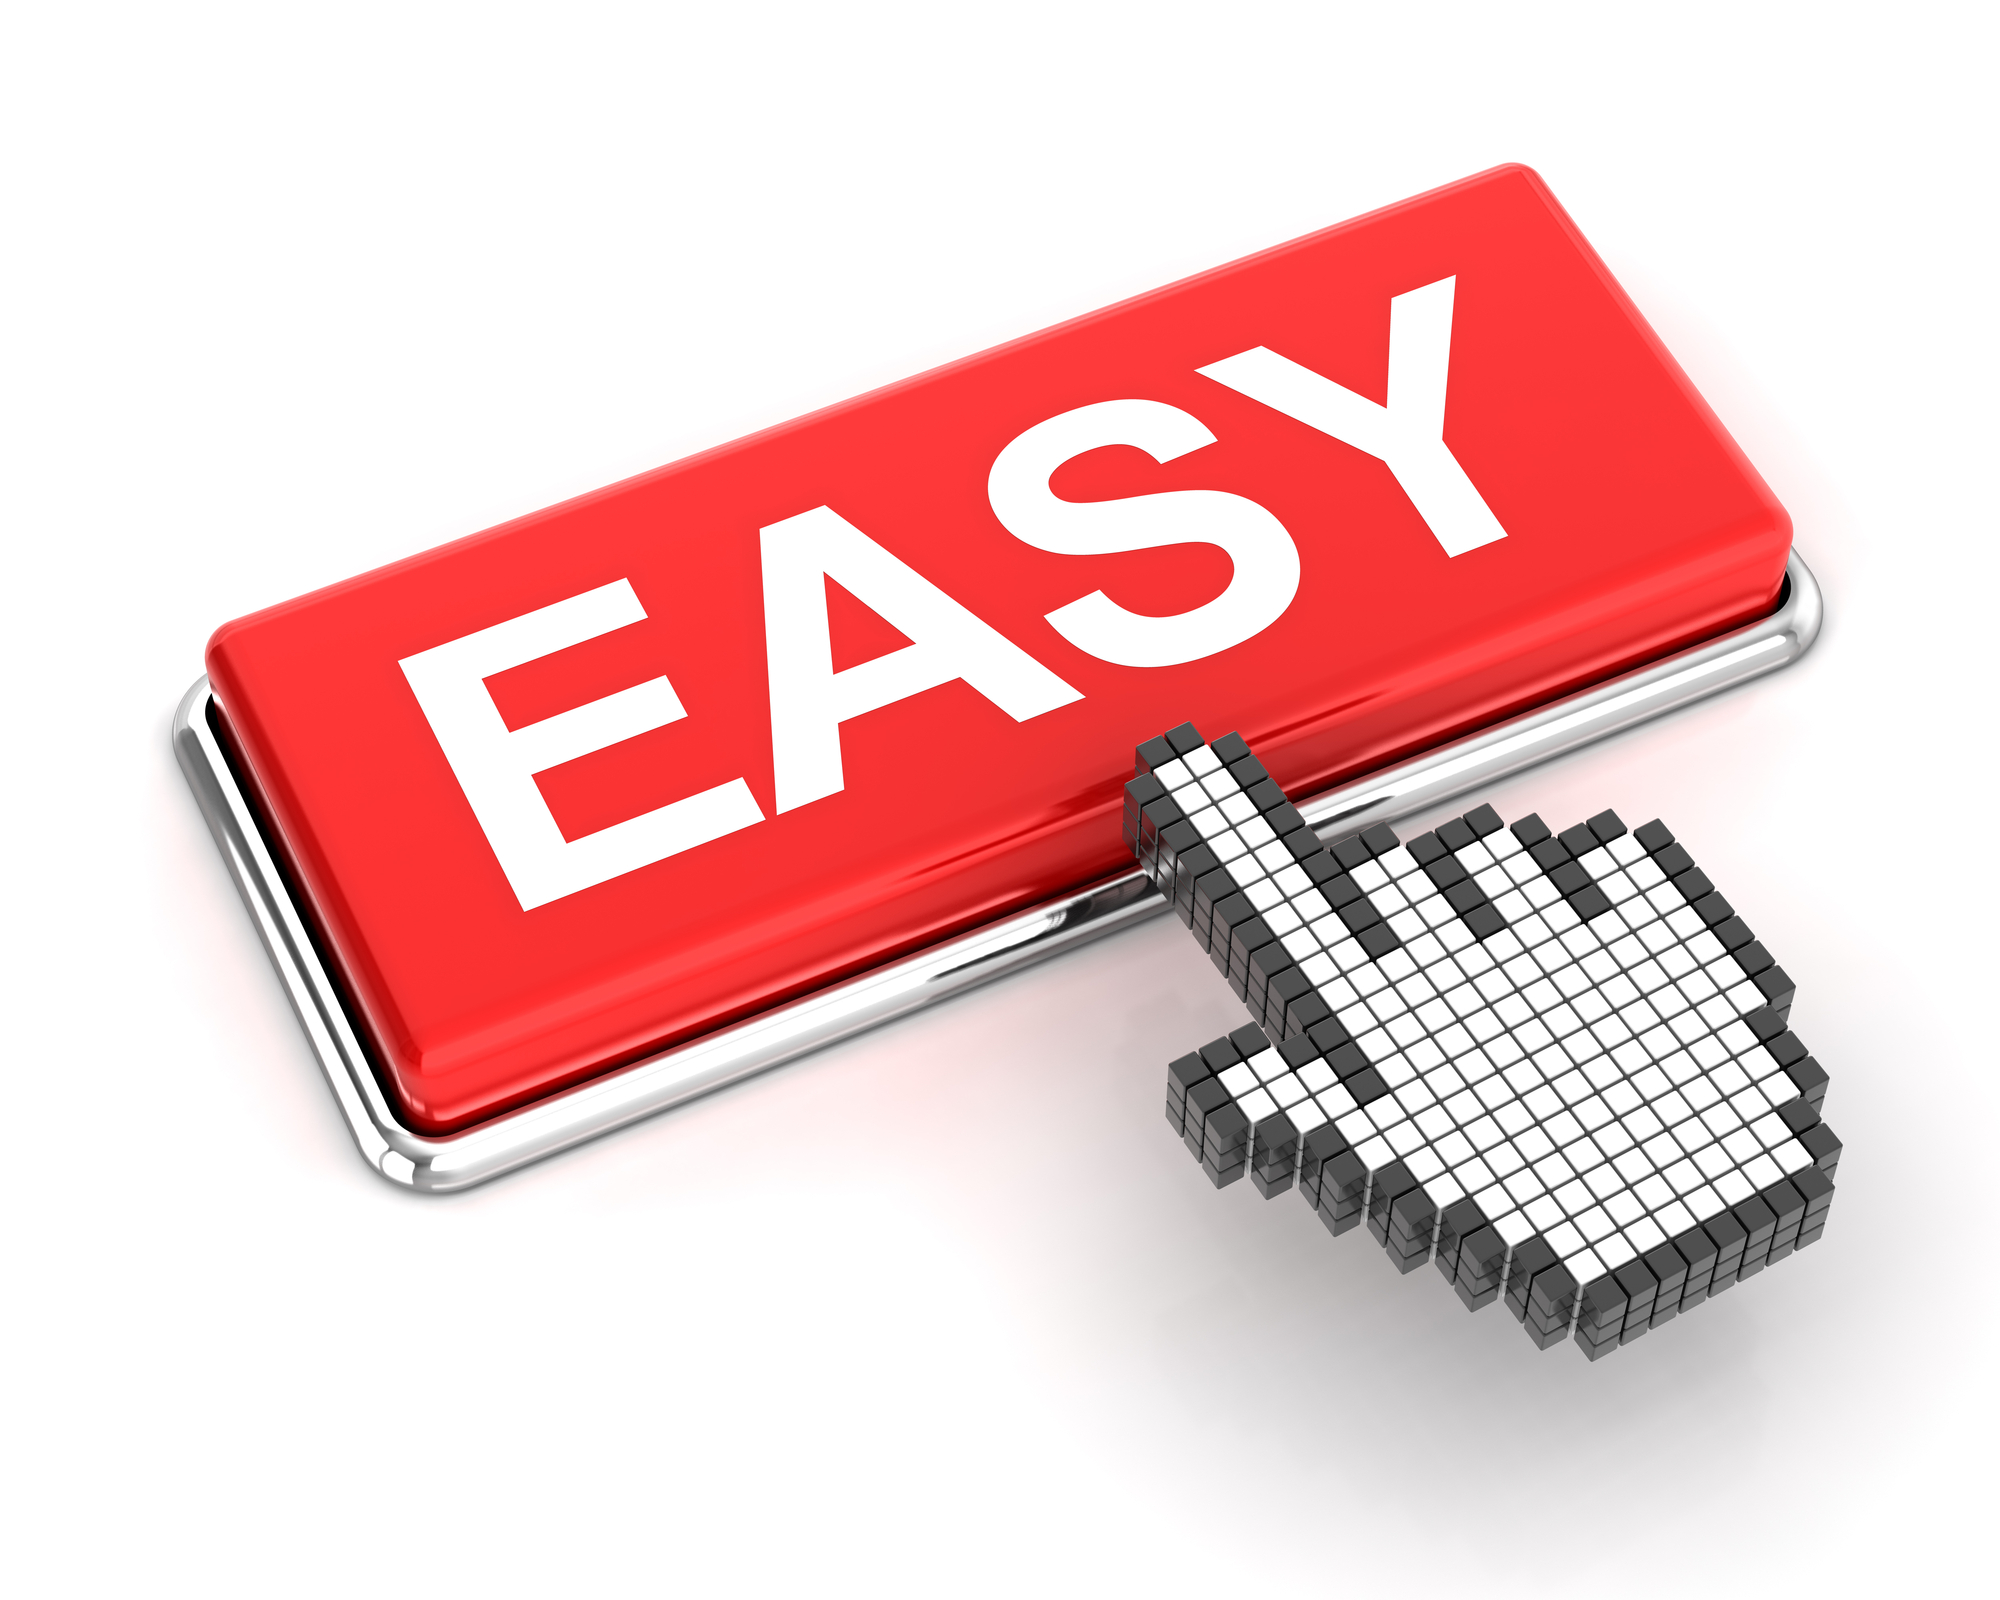 Hand cursor clicking an easy button